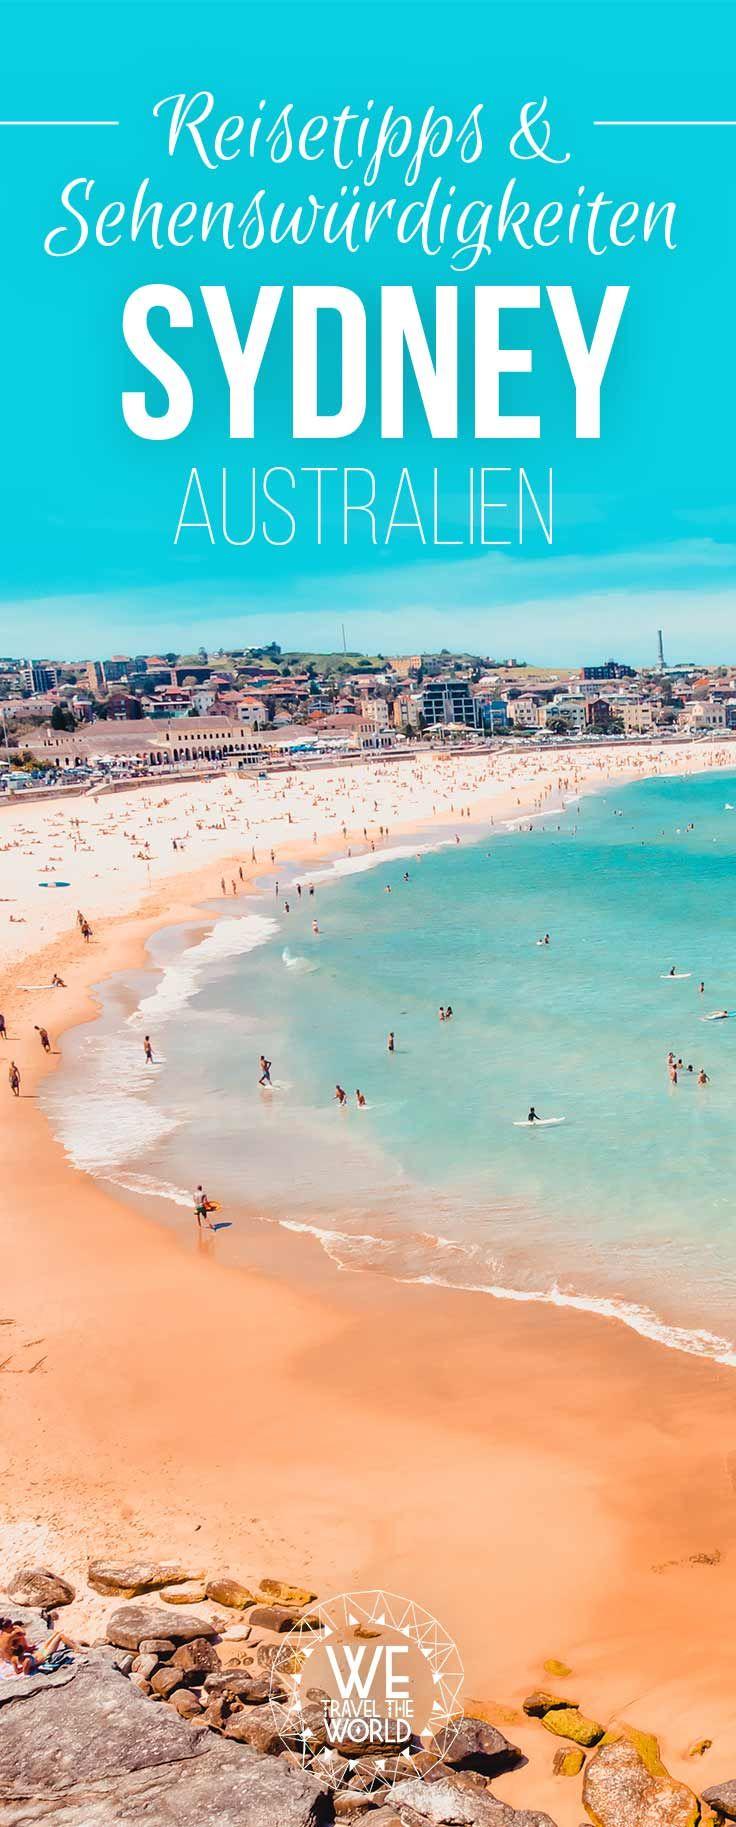 Australien Reise – unsere top Reisetipps Sydney mit allen Sydney Sehenswürdigkeiten und Reisetipps die du für einen perfekten Tag in Sydney brauchst. #reisetipps